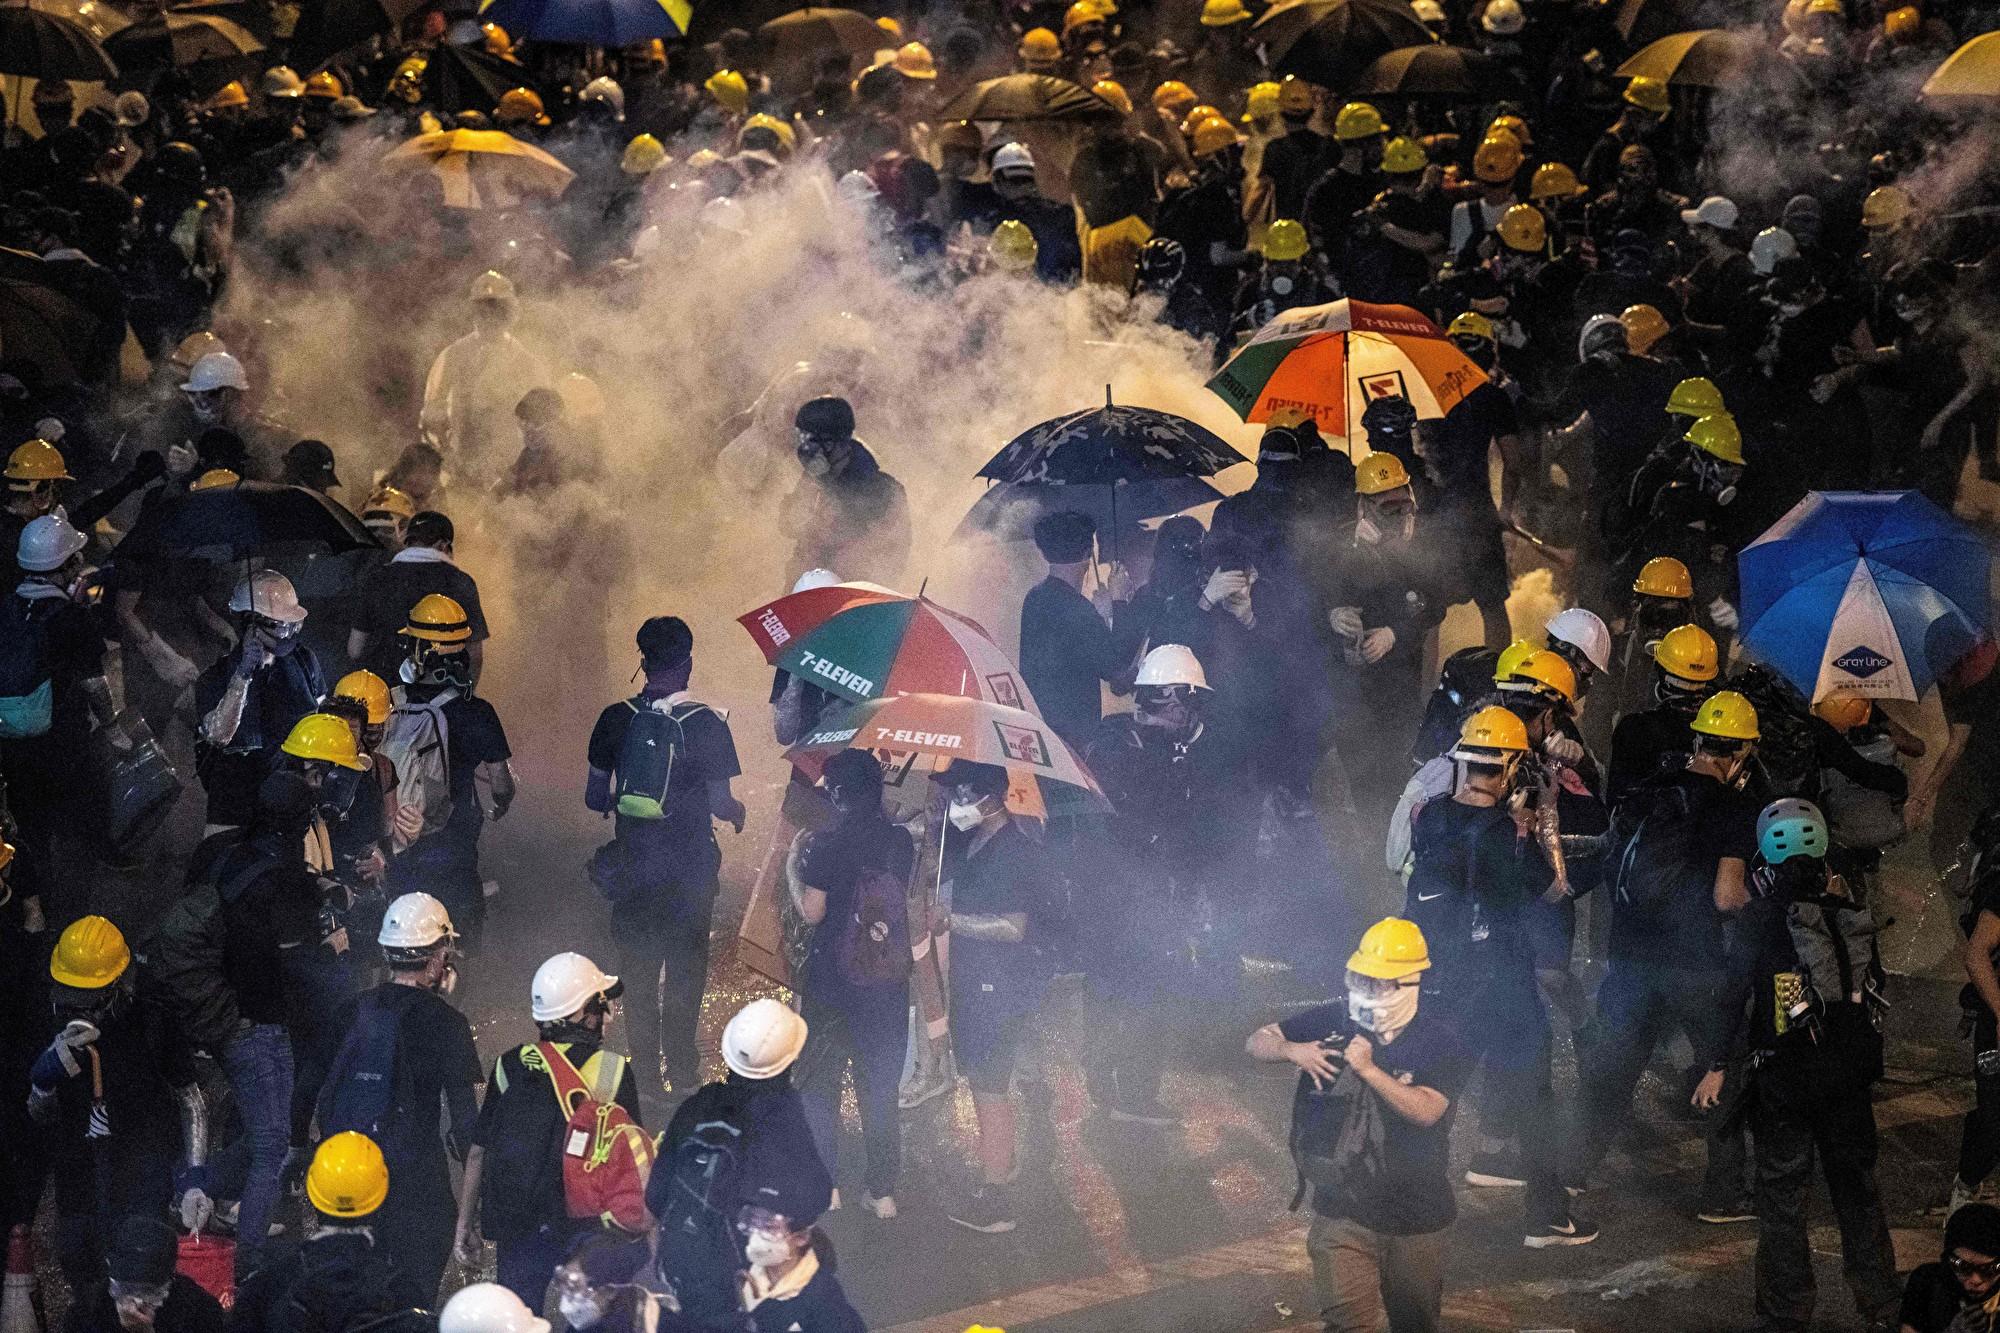 元朗豐樂圍鳳眼藍花海|大紀元時報 香港|獨立敢言的良心媒體